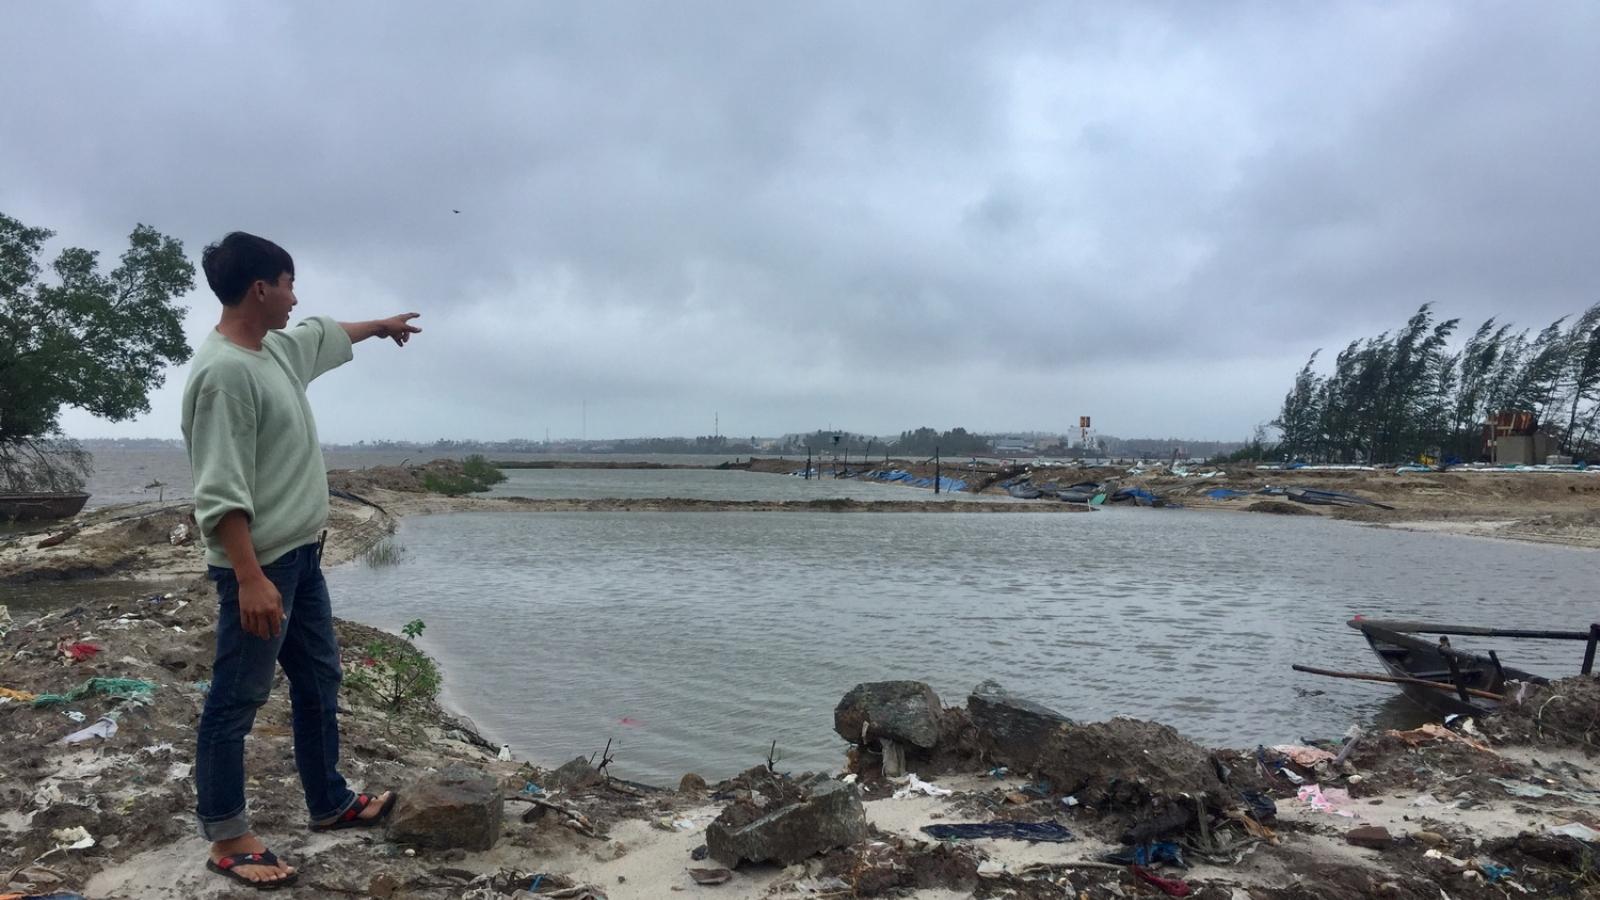 Quảng Nam nỗ lực khôi phục sản xuất sau bão để kịp đón Tết Nguyên đán